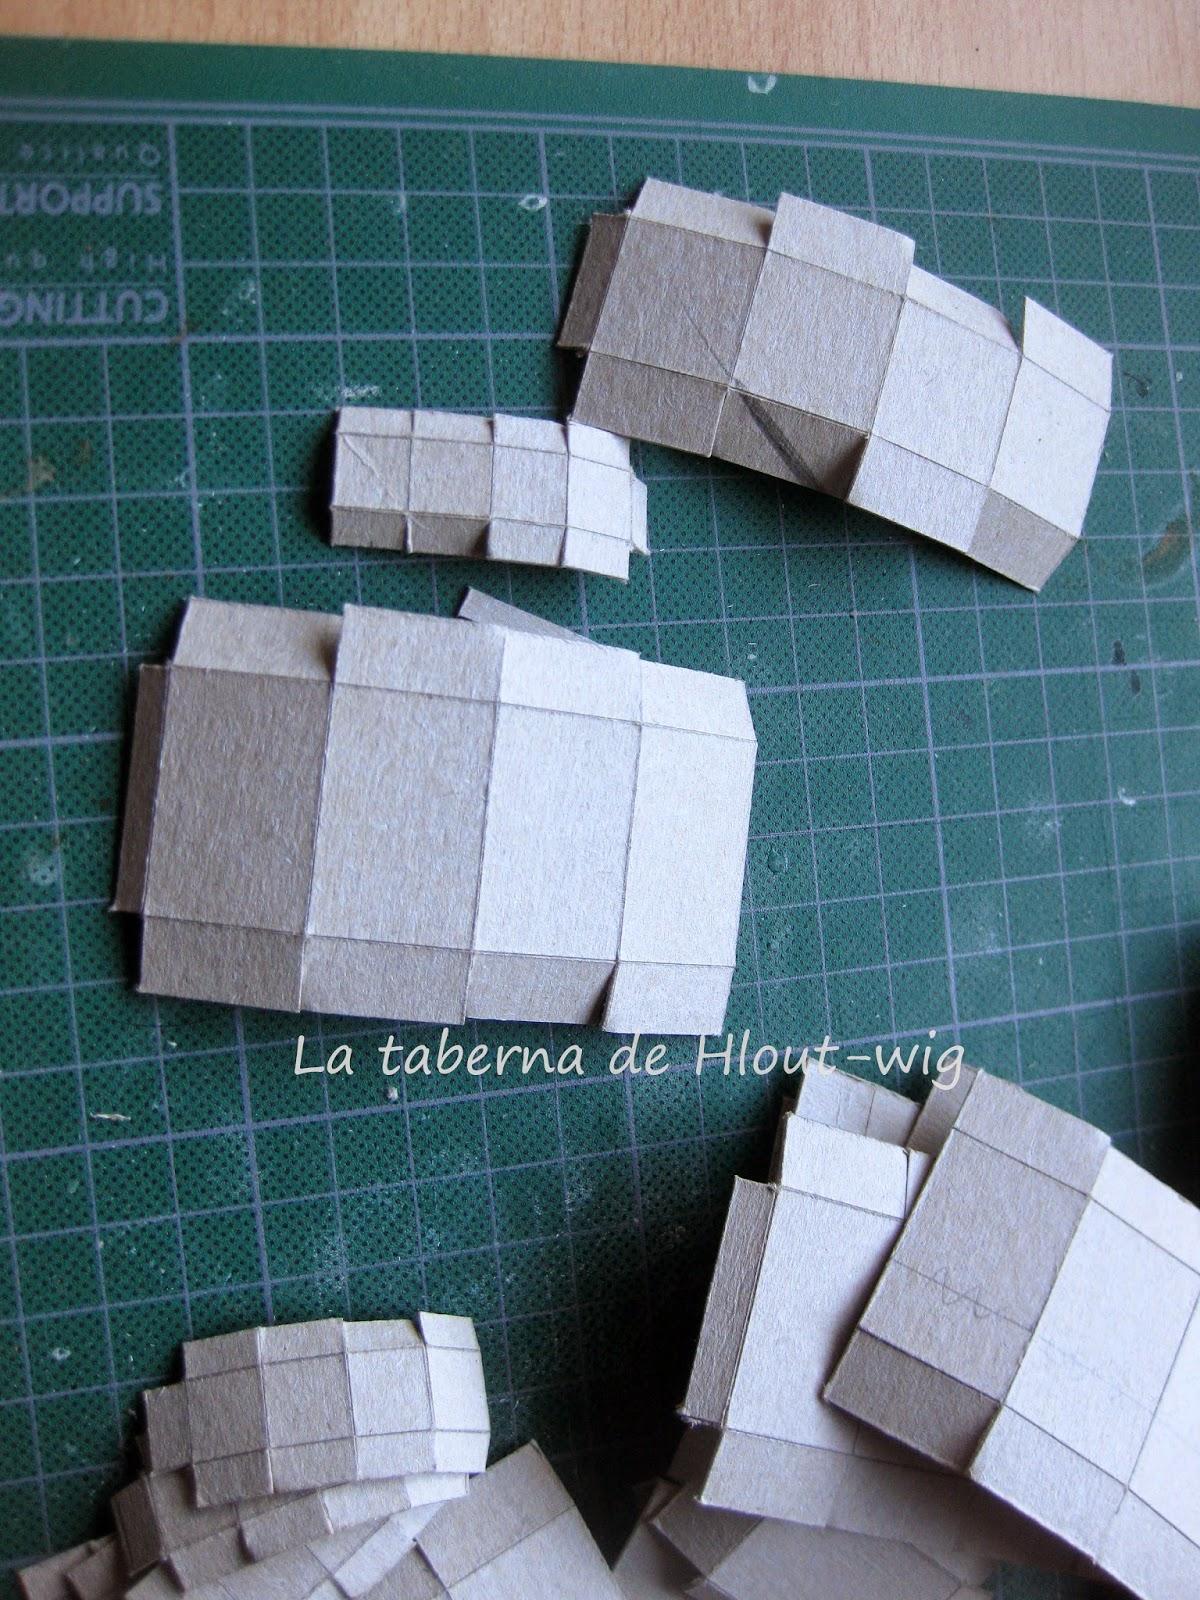 cajas de cartón recortadas